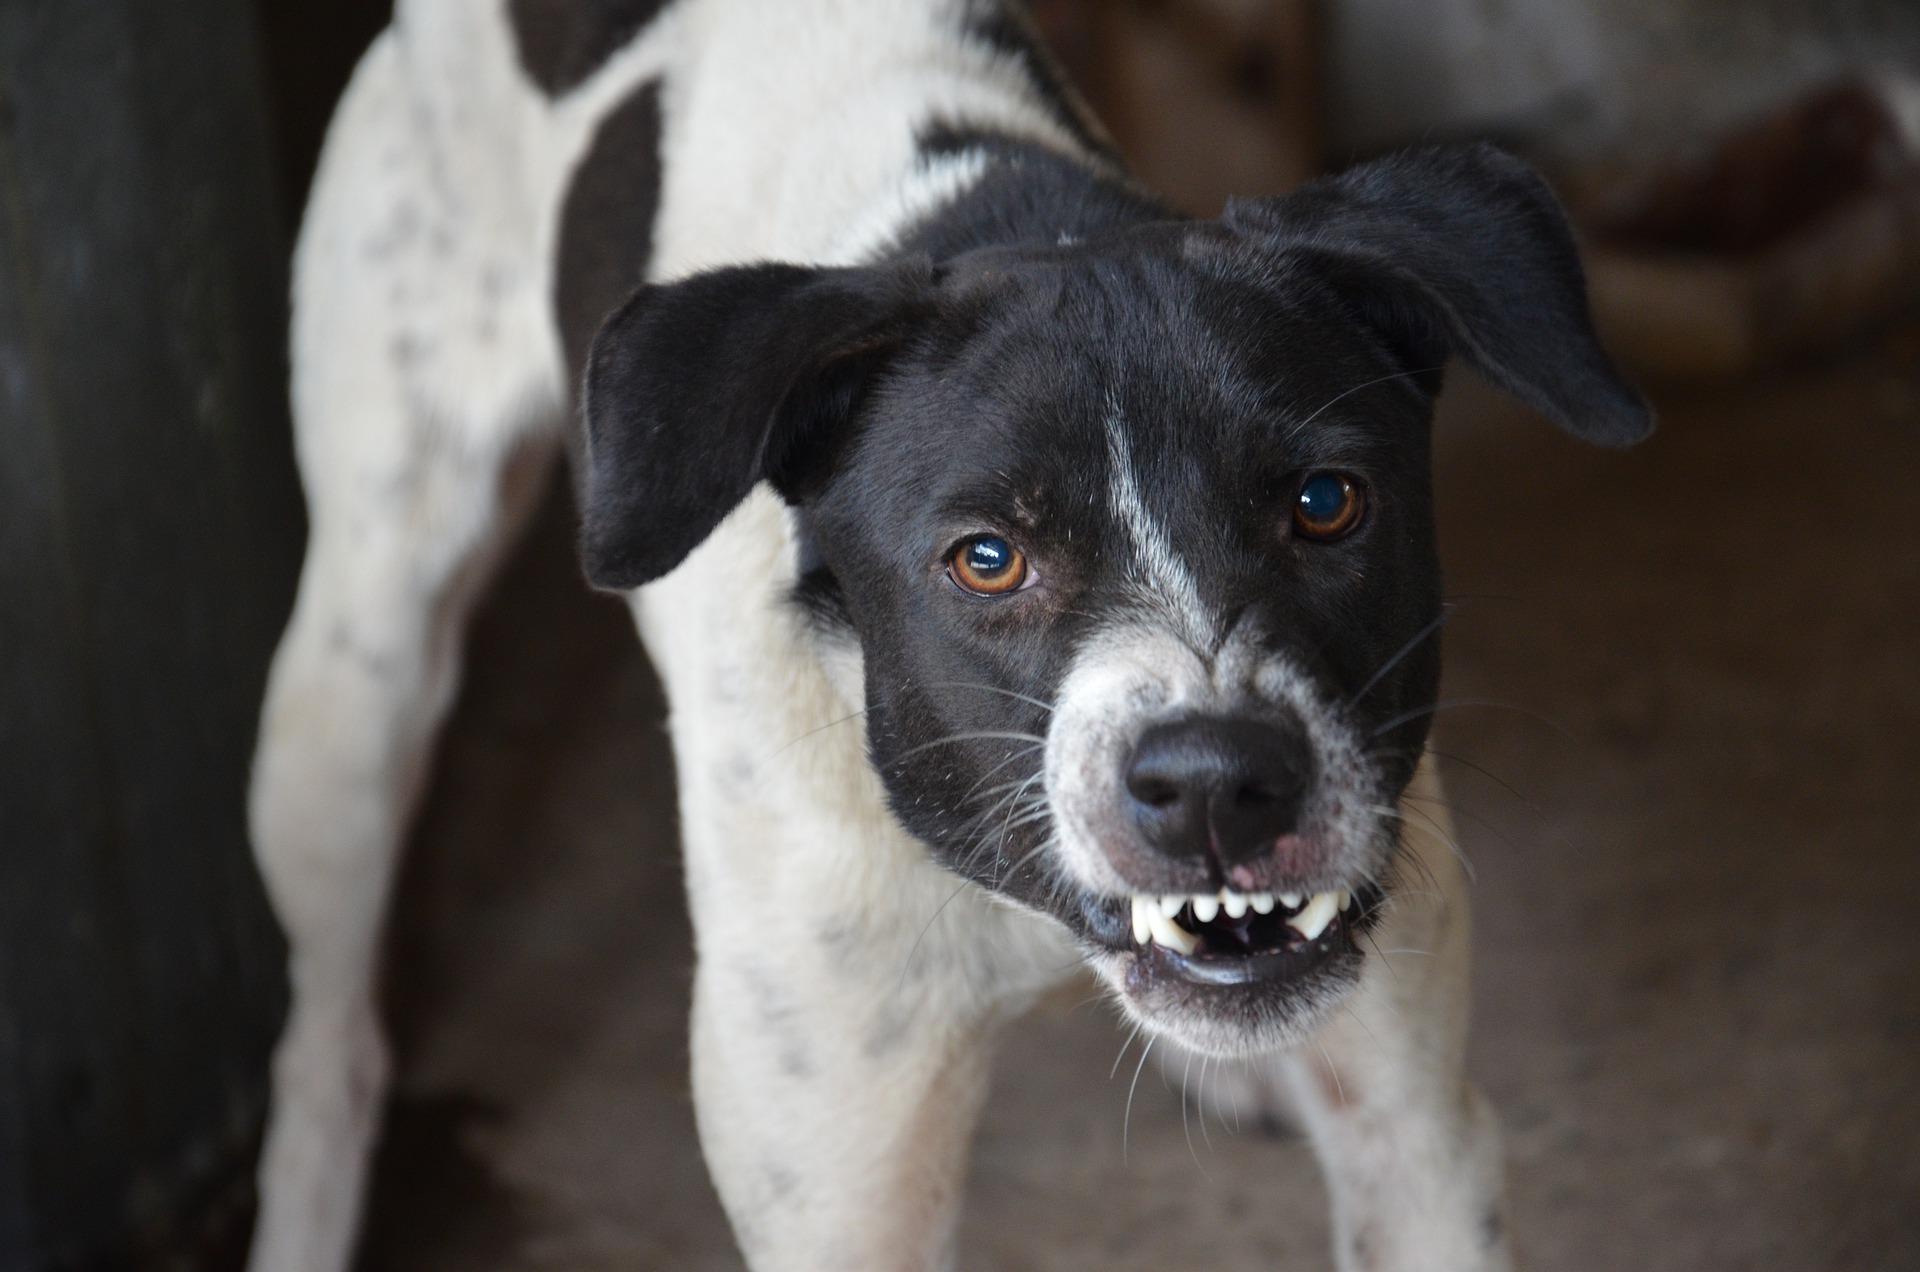 Cane diventato aggressivo: cos'è successo e perché